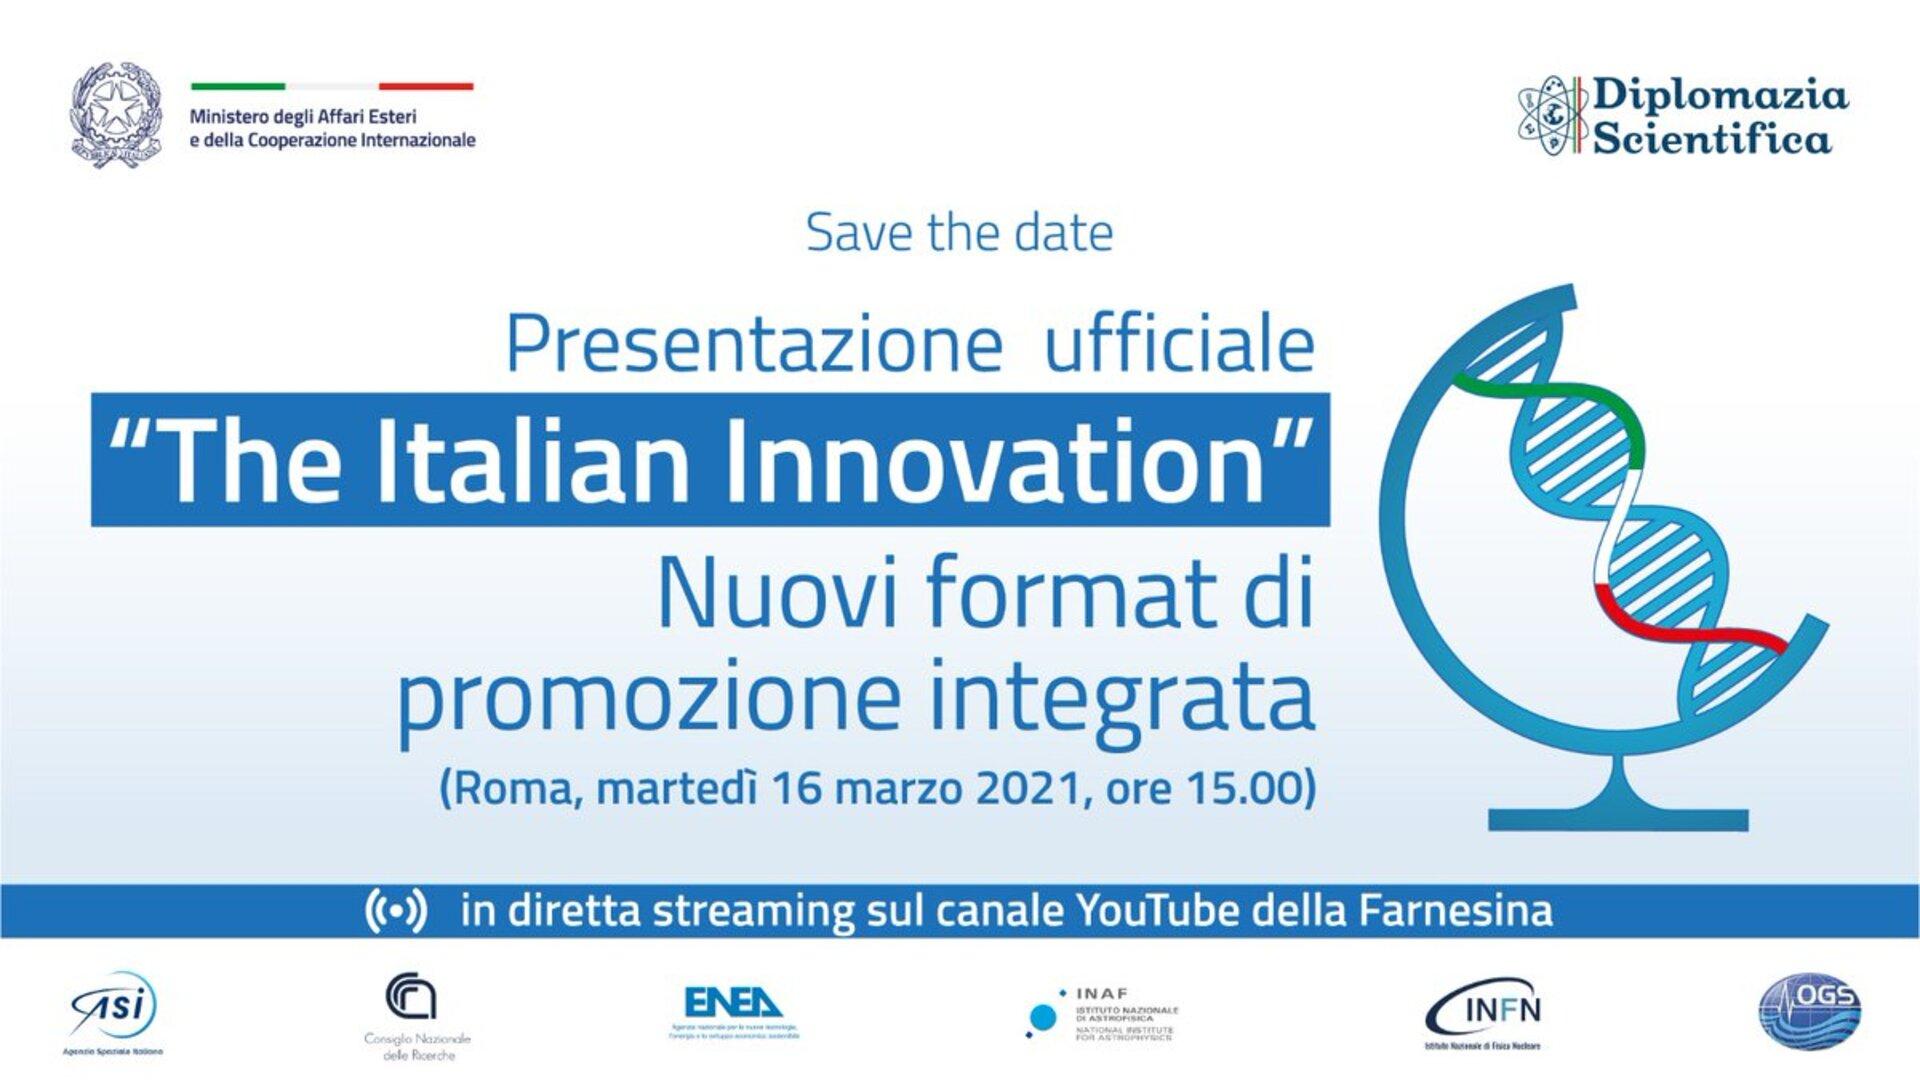 ASI - The Italian Innovation: nuovi format di promozione integrata